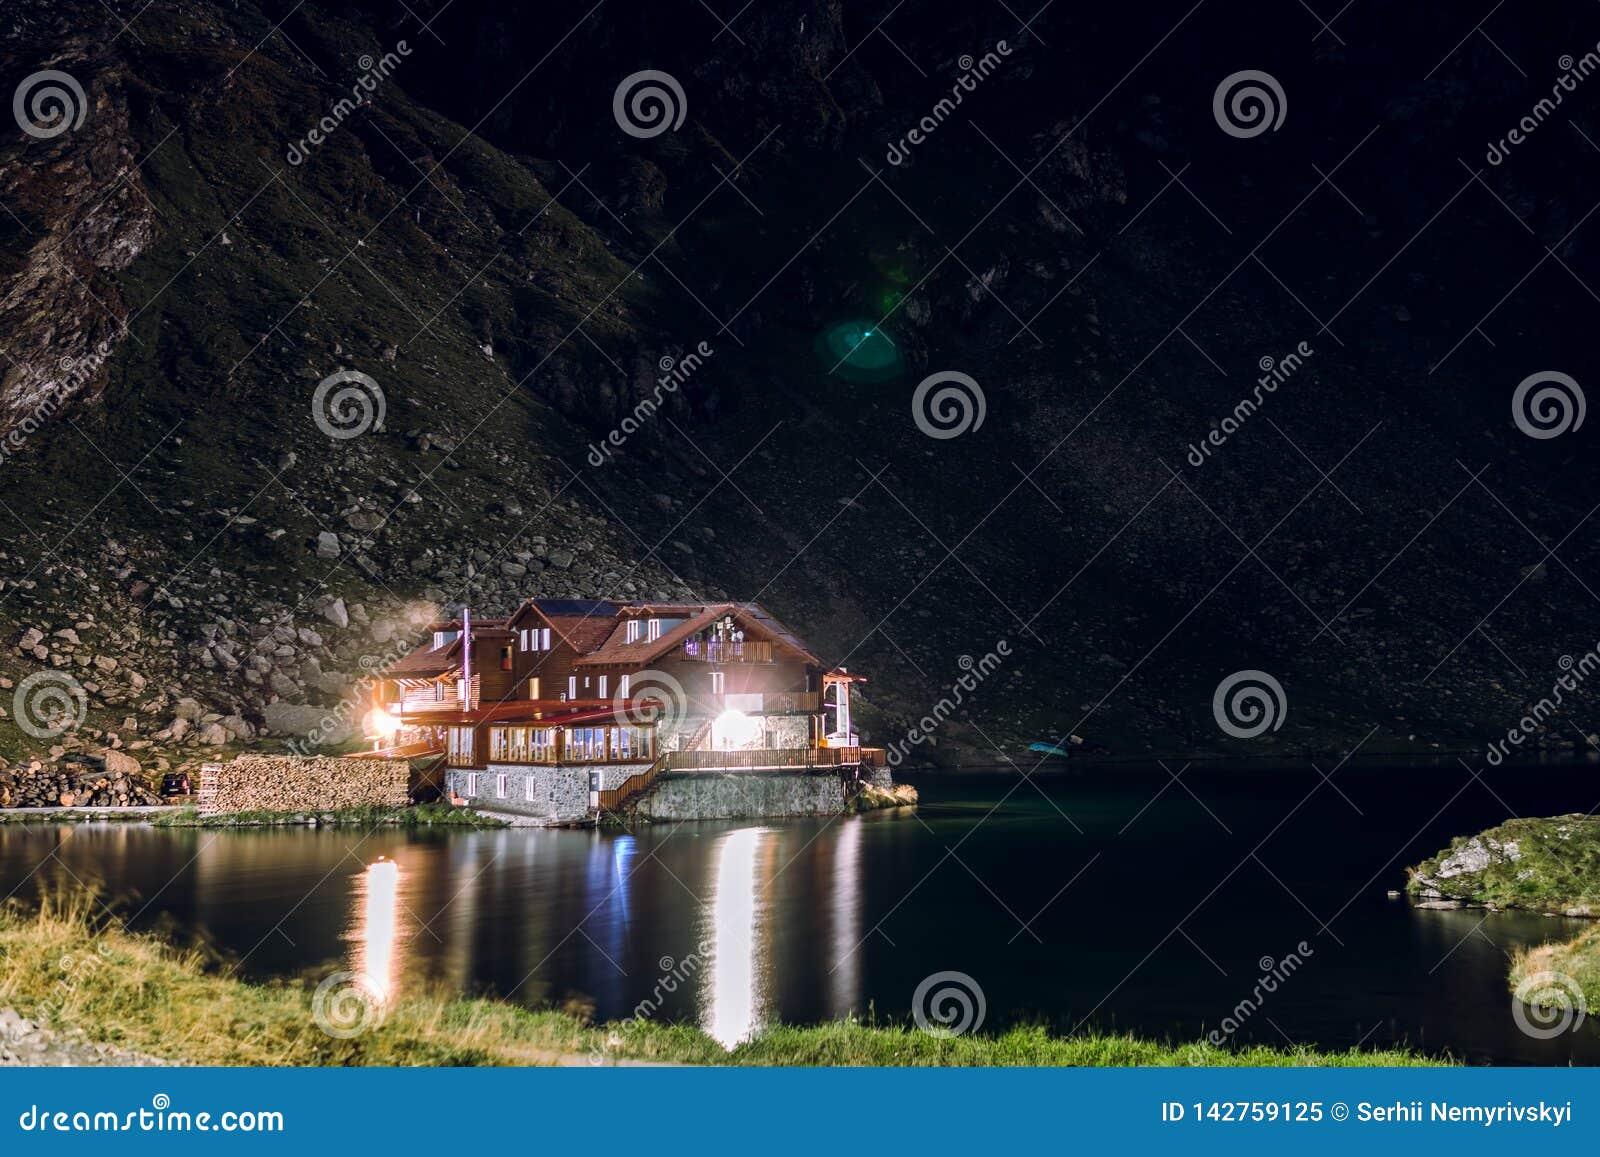 Nattsikt på hus, hotell på kusten av en bergsjö, Balea gummilacka, turism- och semesterbegrepp, lopp och aktiv livsstil,